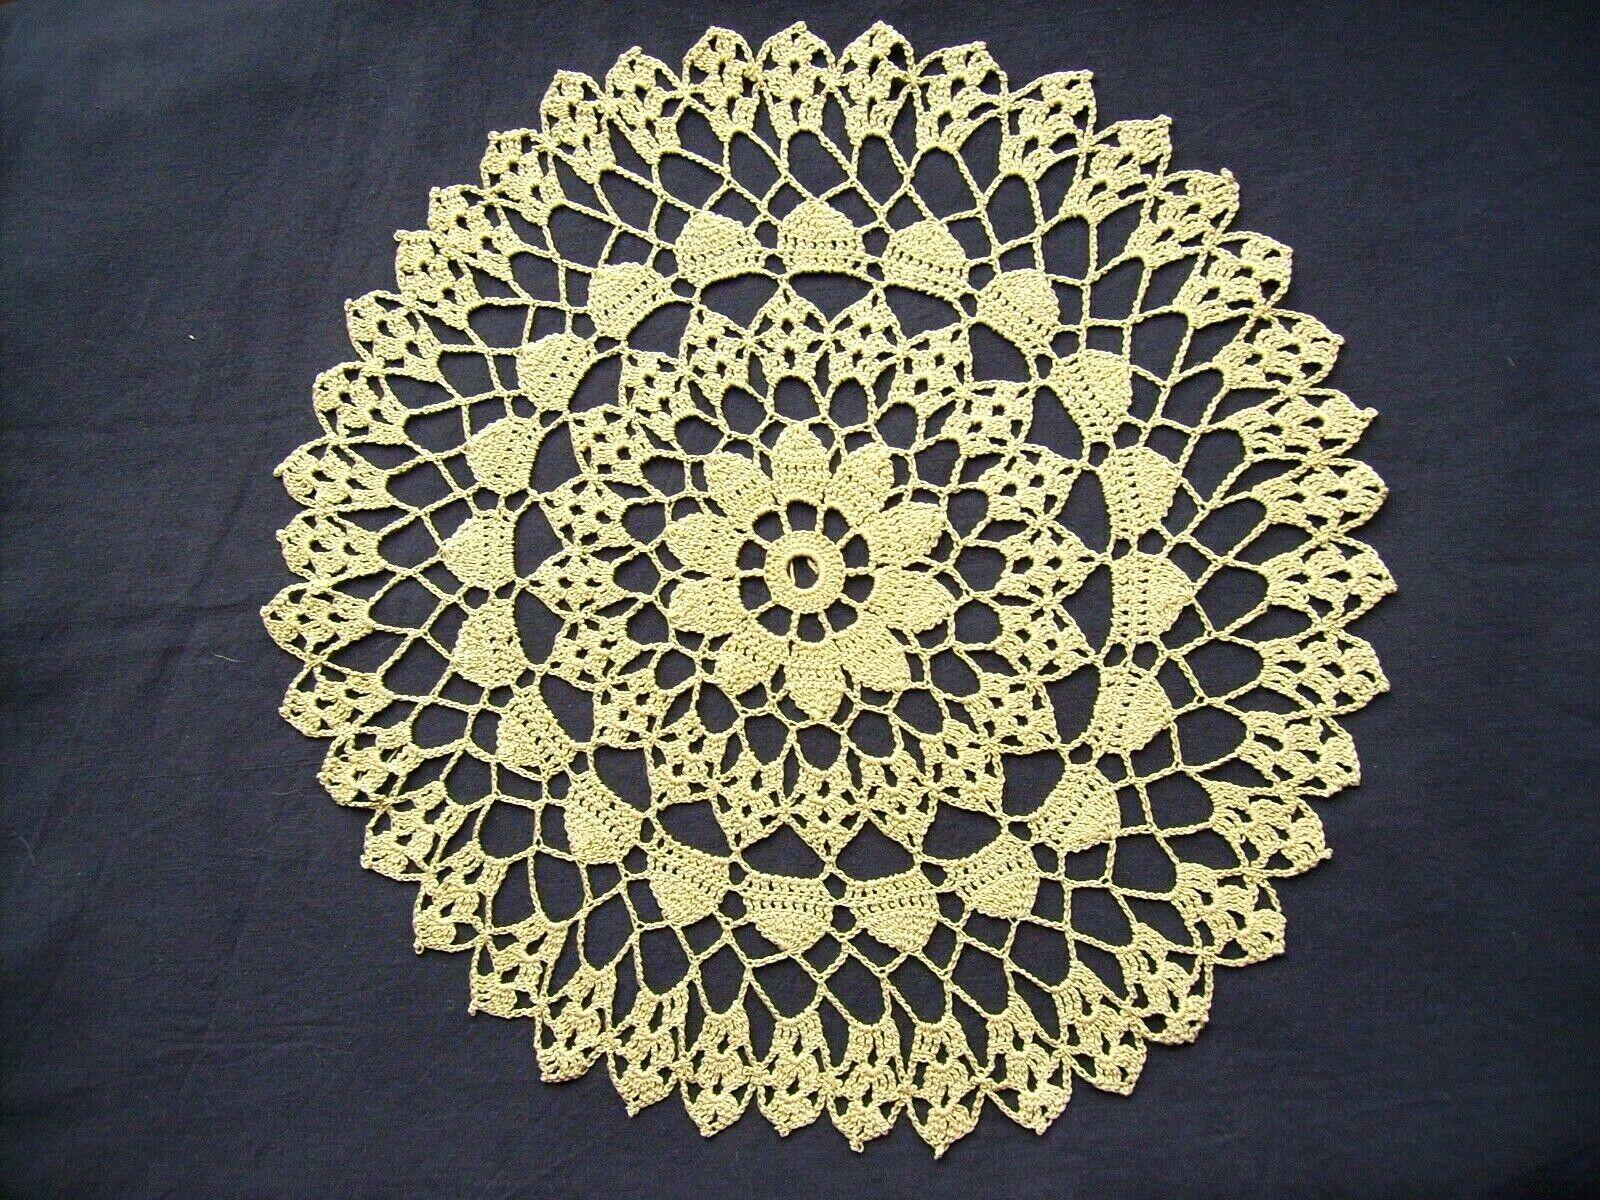 Napperon crocheté mains (Rond) Travail artisanal, vintage, fin travail En coton